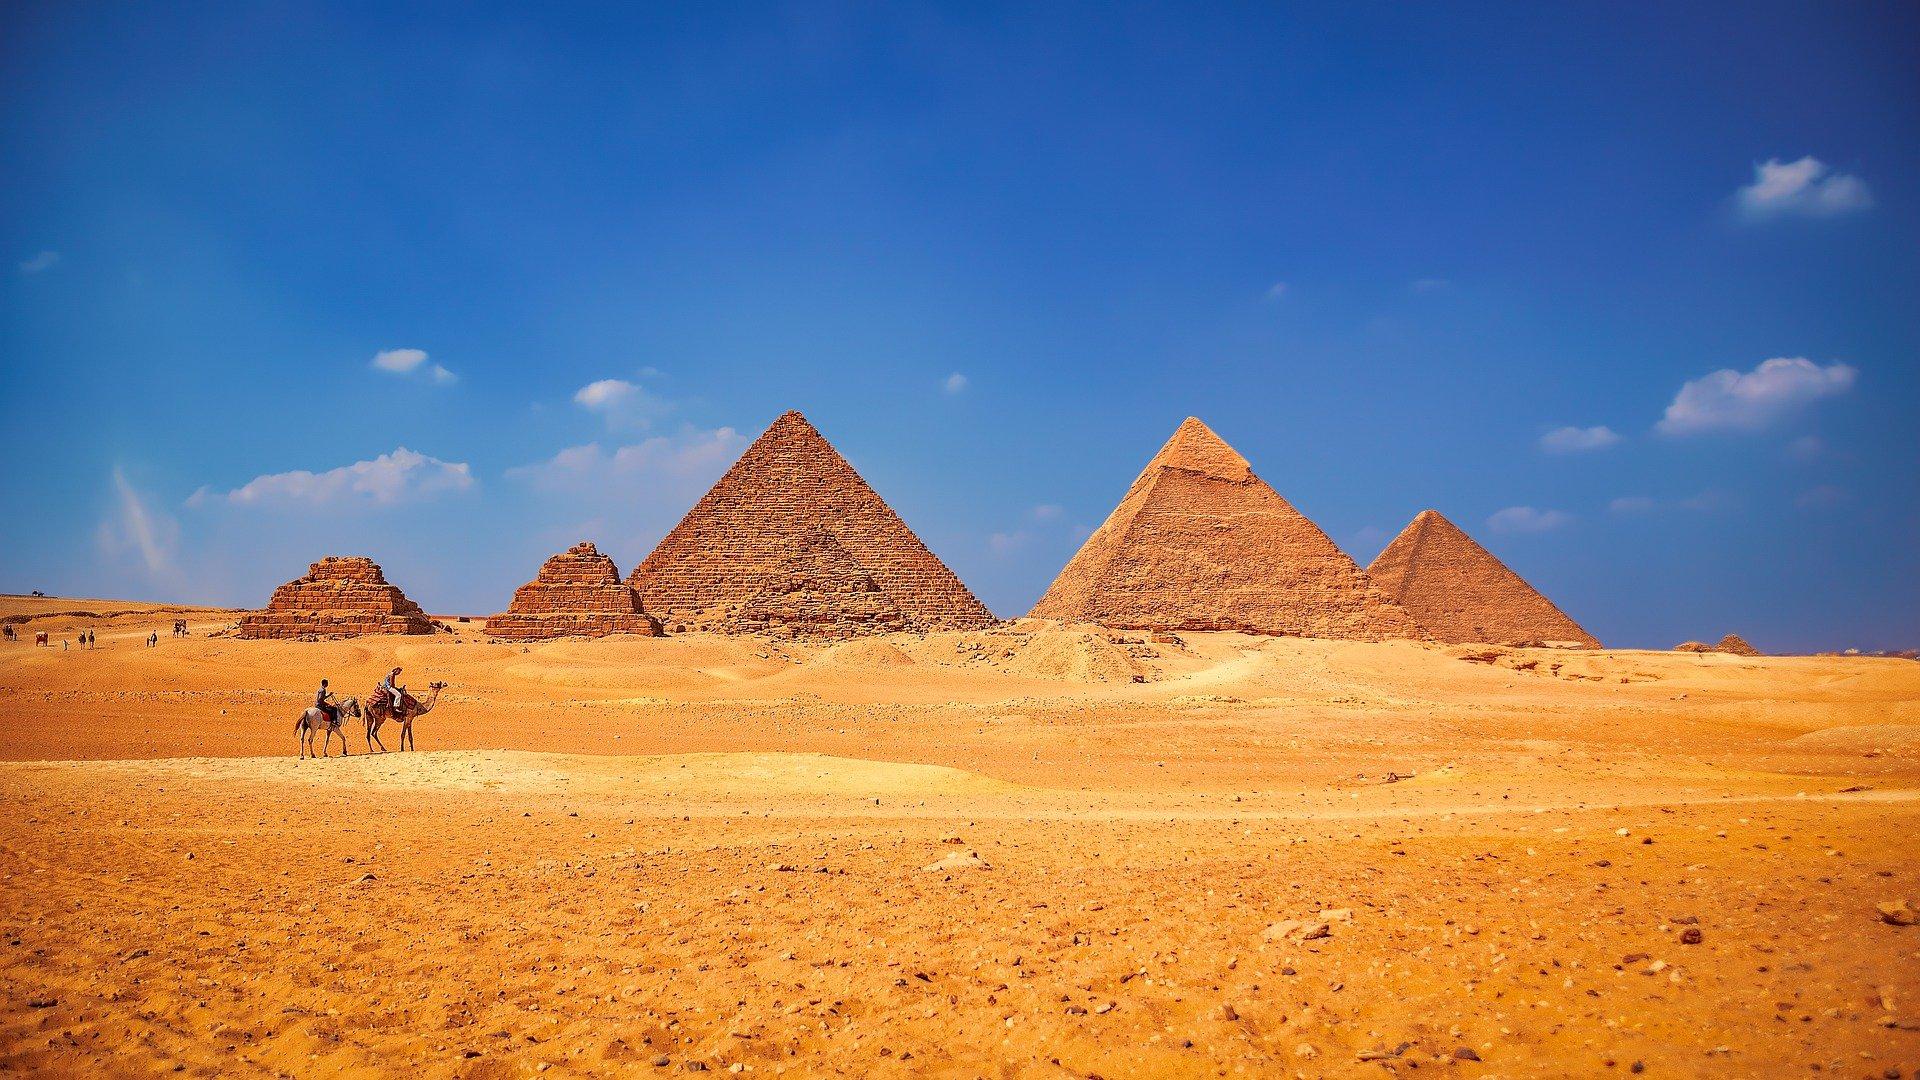 Les pyramides de Gizeh ainsi que leurs pyramides annexes